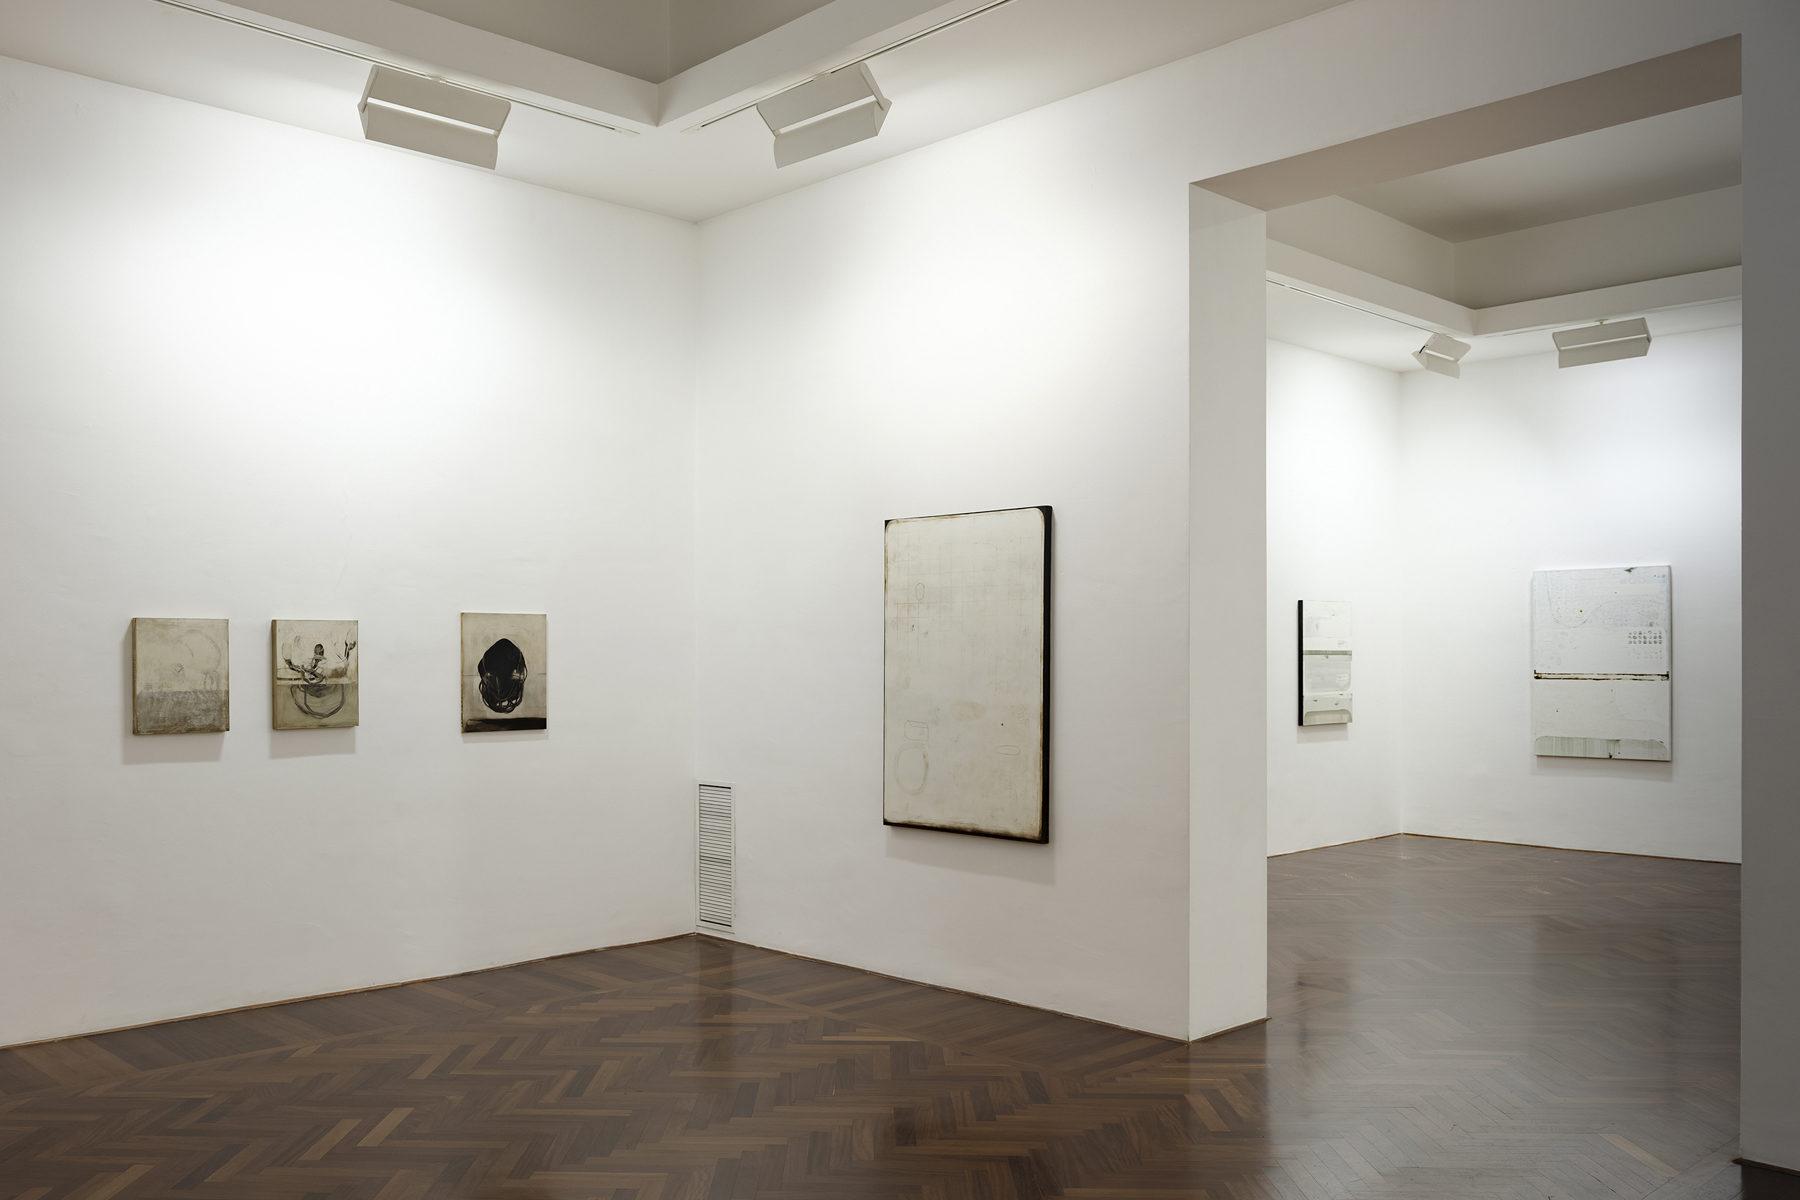 Mirko Baricchi, Derive, 2017, installation view, CAMeC, La Spezia